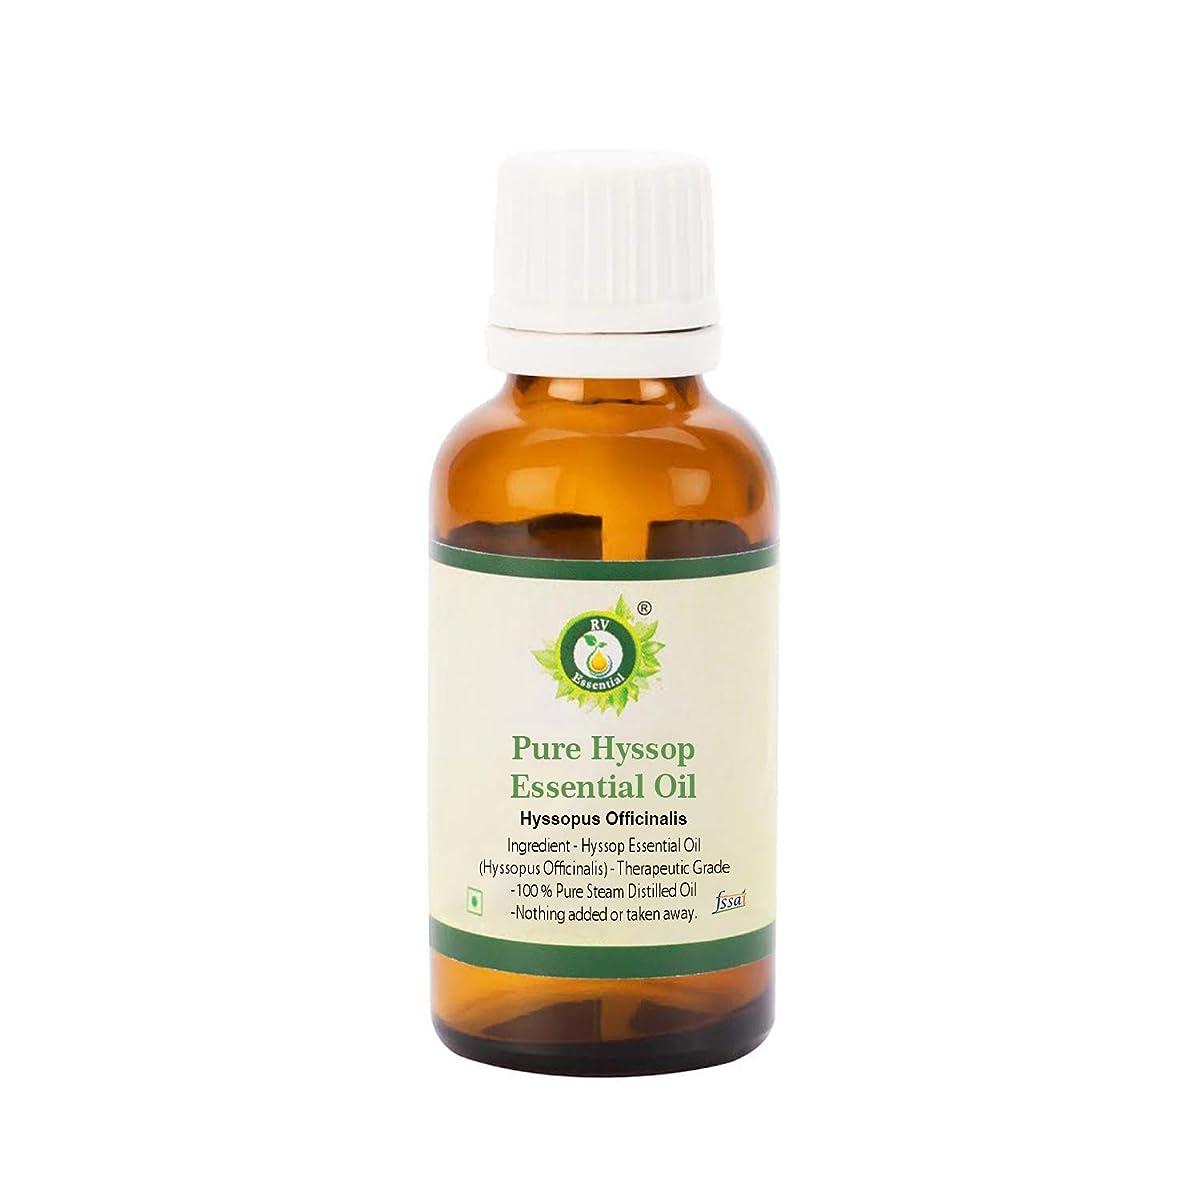 バラエティバラエティ設置R V Essential ピュアヒソップエッセンシャルオイル10ml (0.338oz)- Hyssopus Officinalis (100%純粋&天然スチームDistilled) Pure Hyssop Essential Oil